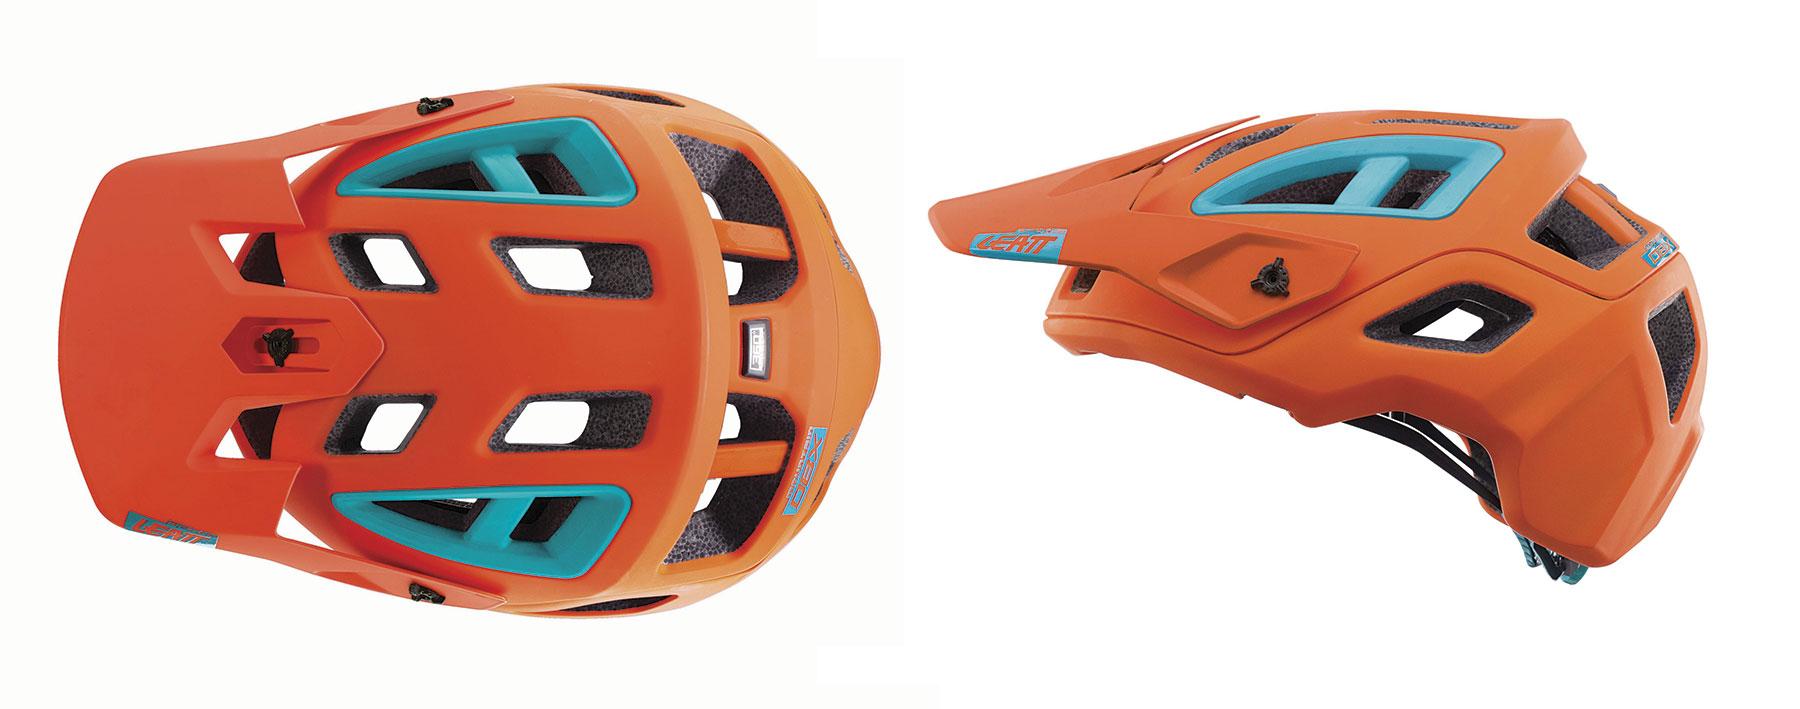 Casco  casco Leatt DBX 3.0 AllMountain - Naranja